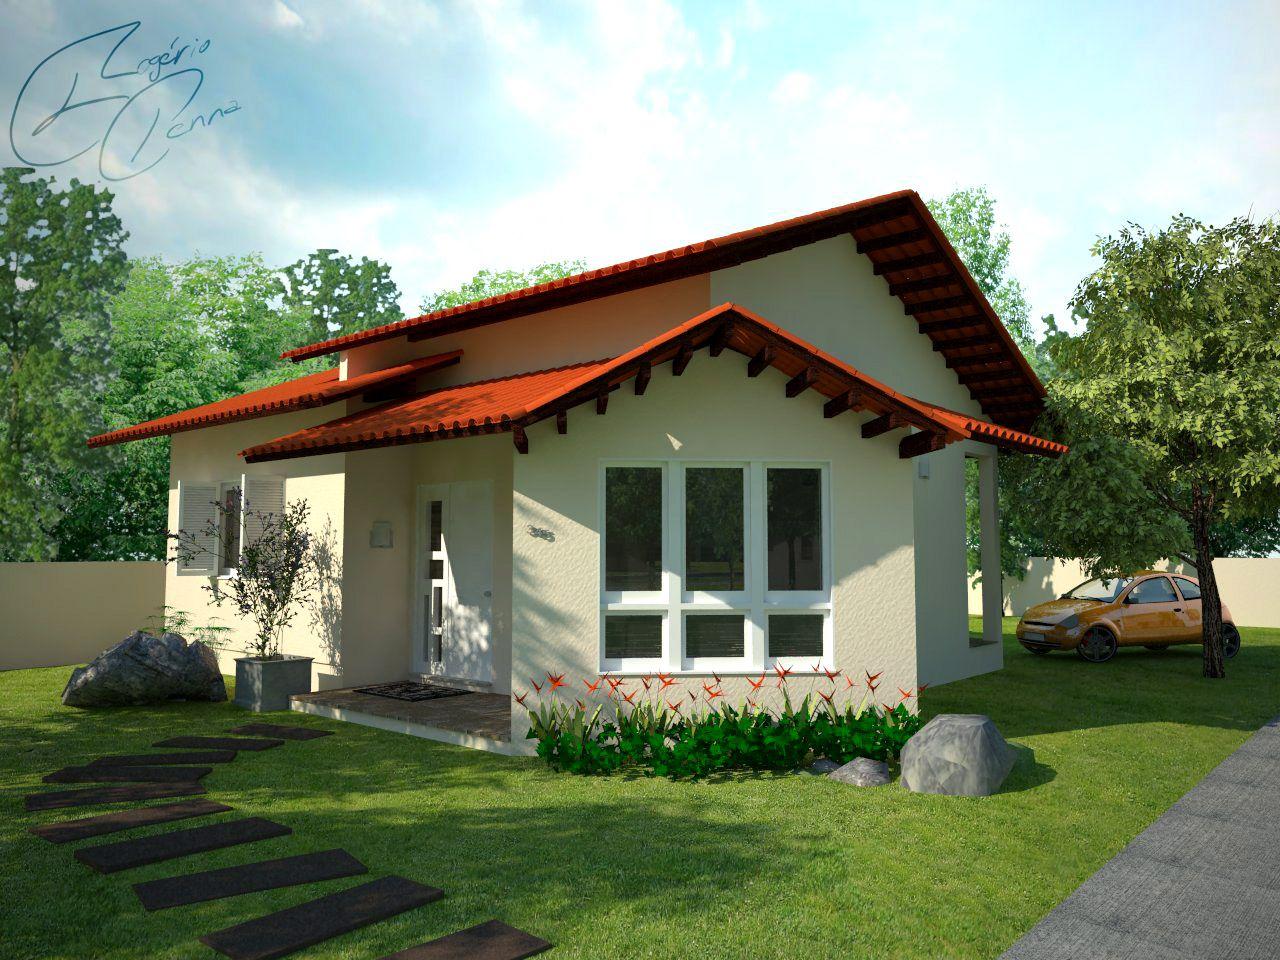 modelos de casas modernas fotos de casas modernas